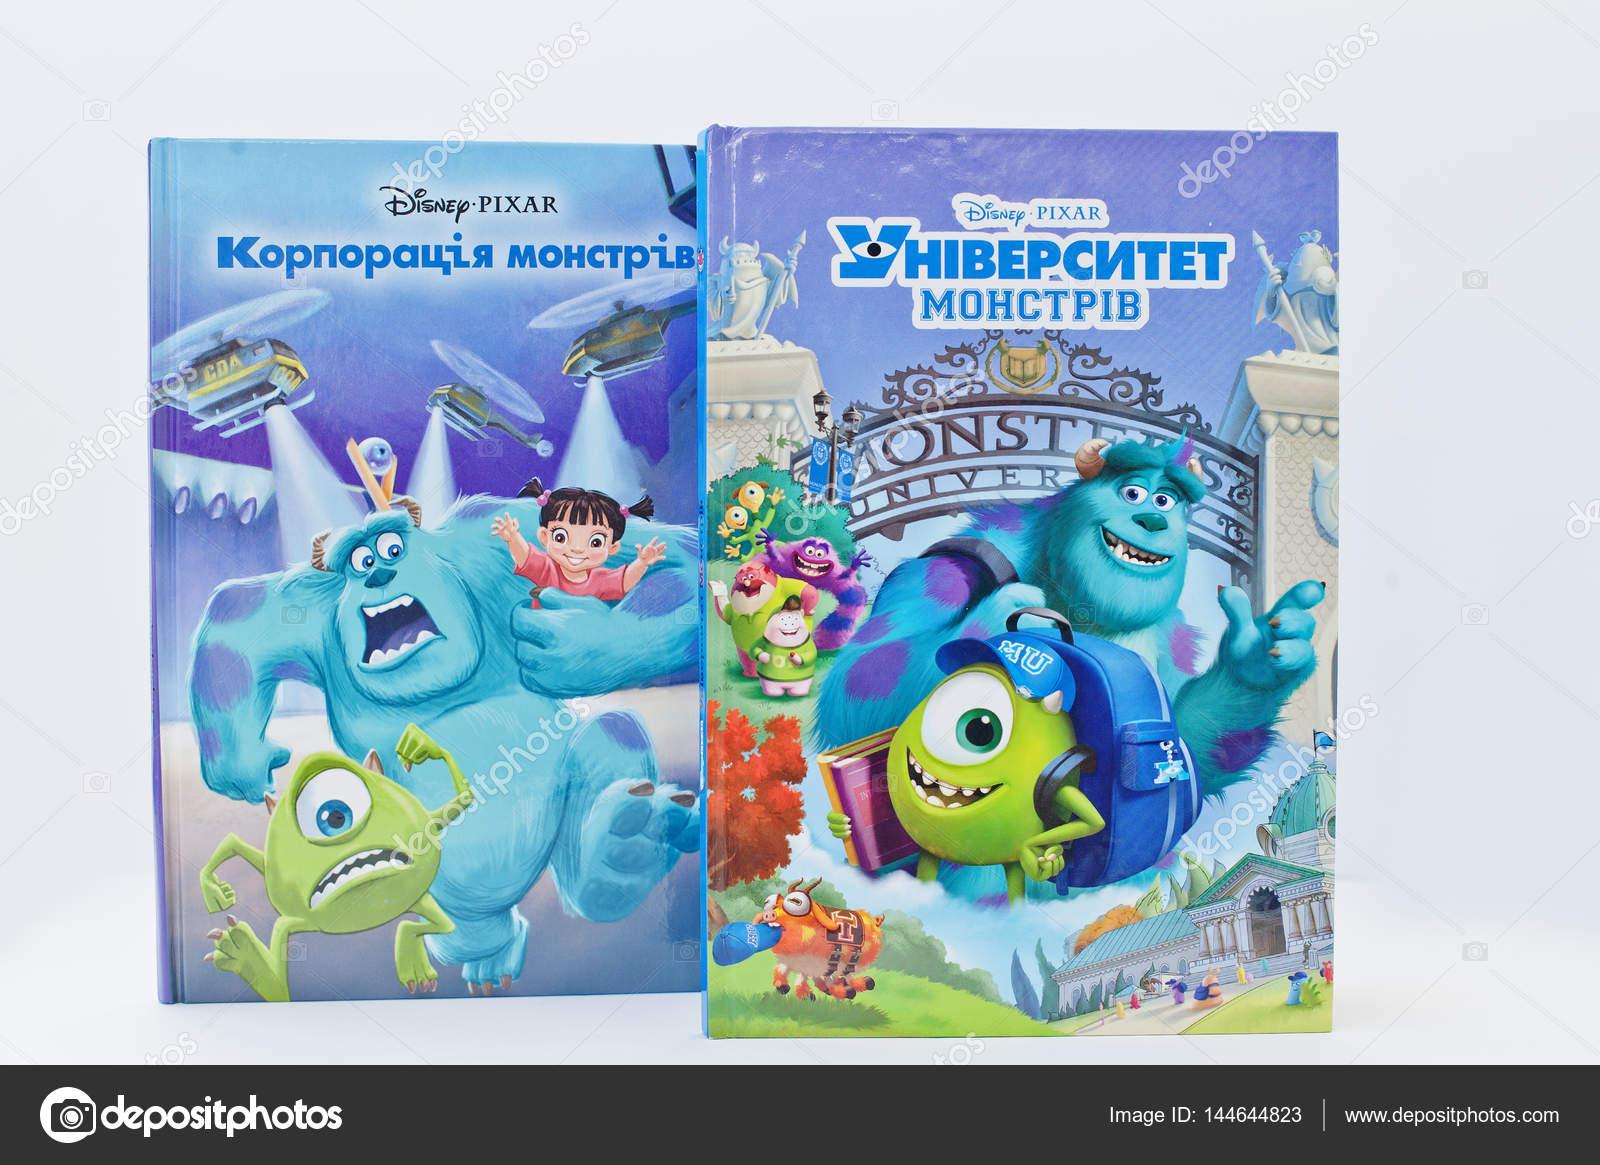 ハイ、ウクライナ - 2017 年 2 月 28 日: ディズニーのアニメーション